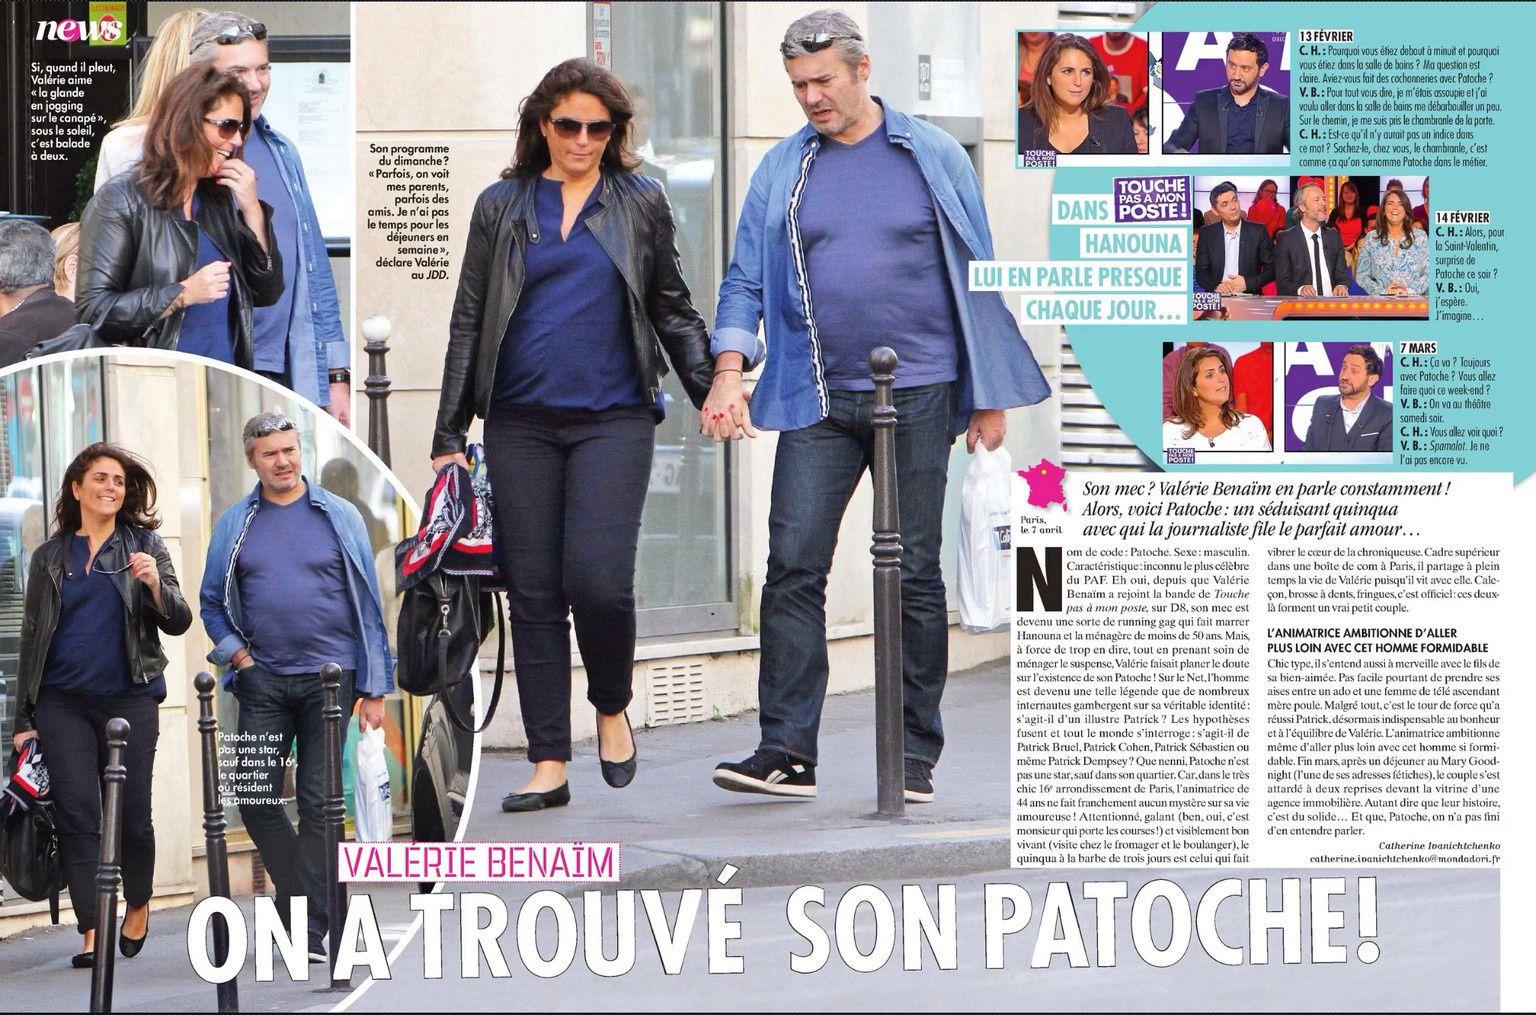 Le visage de Patoche dévoilé dans Closer ! Les images ici ...